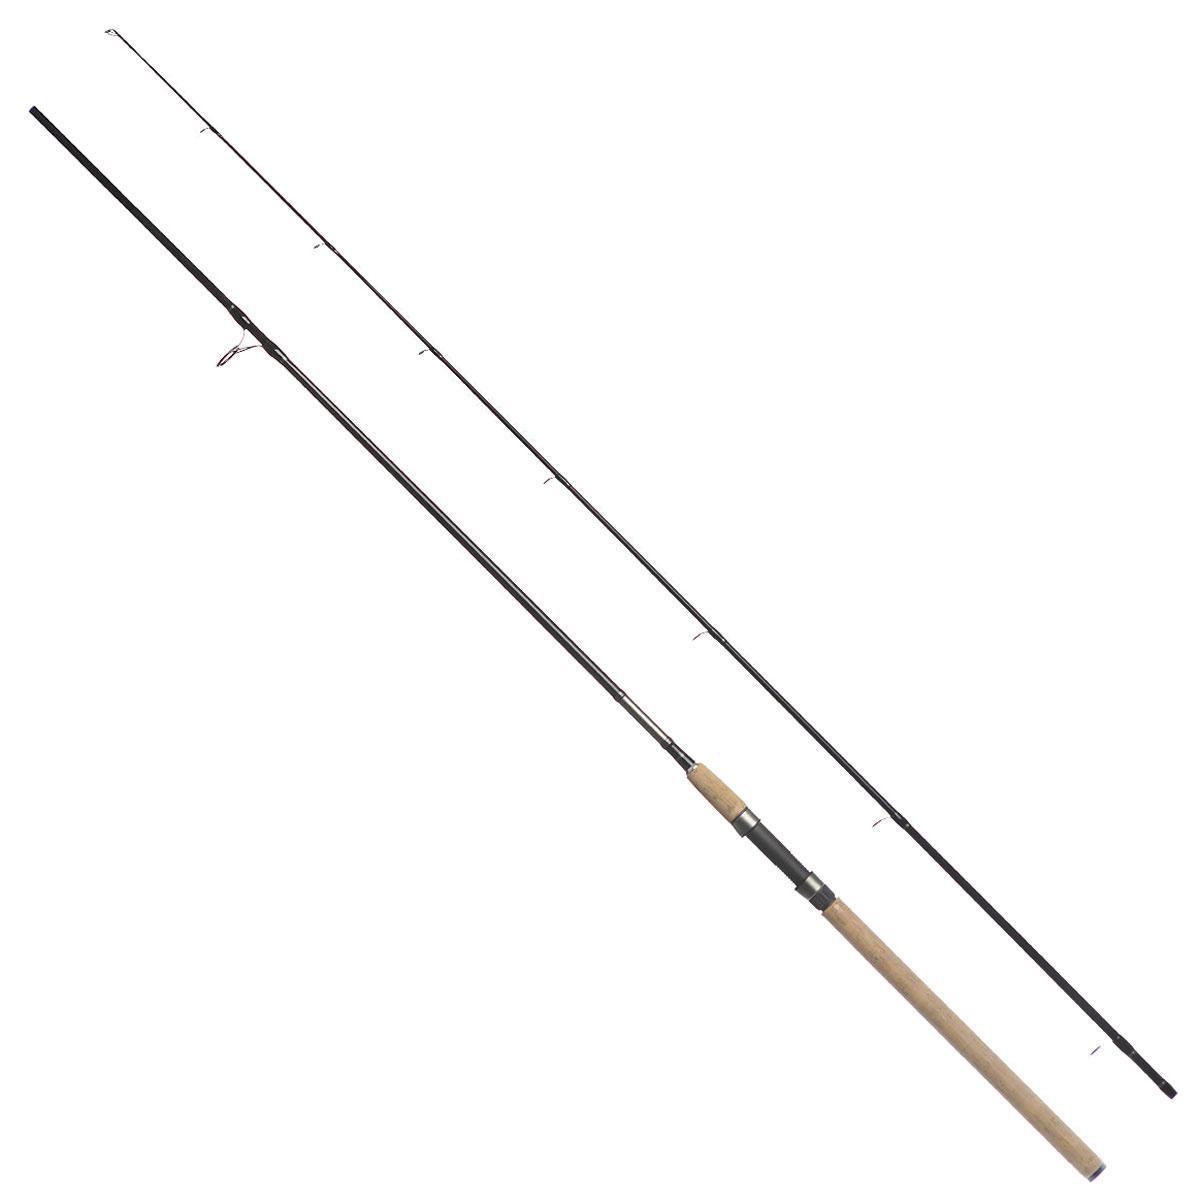 Спиннинг штекерный Daiwa Exceler-AR New, 2,59 м, 10-40 г спиннинг штекерный daiwa exceler ru 3 05 м 15 50 г